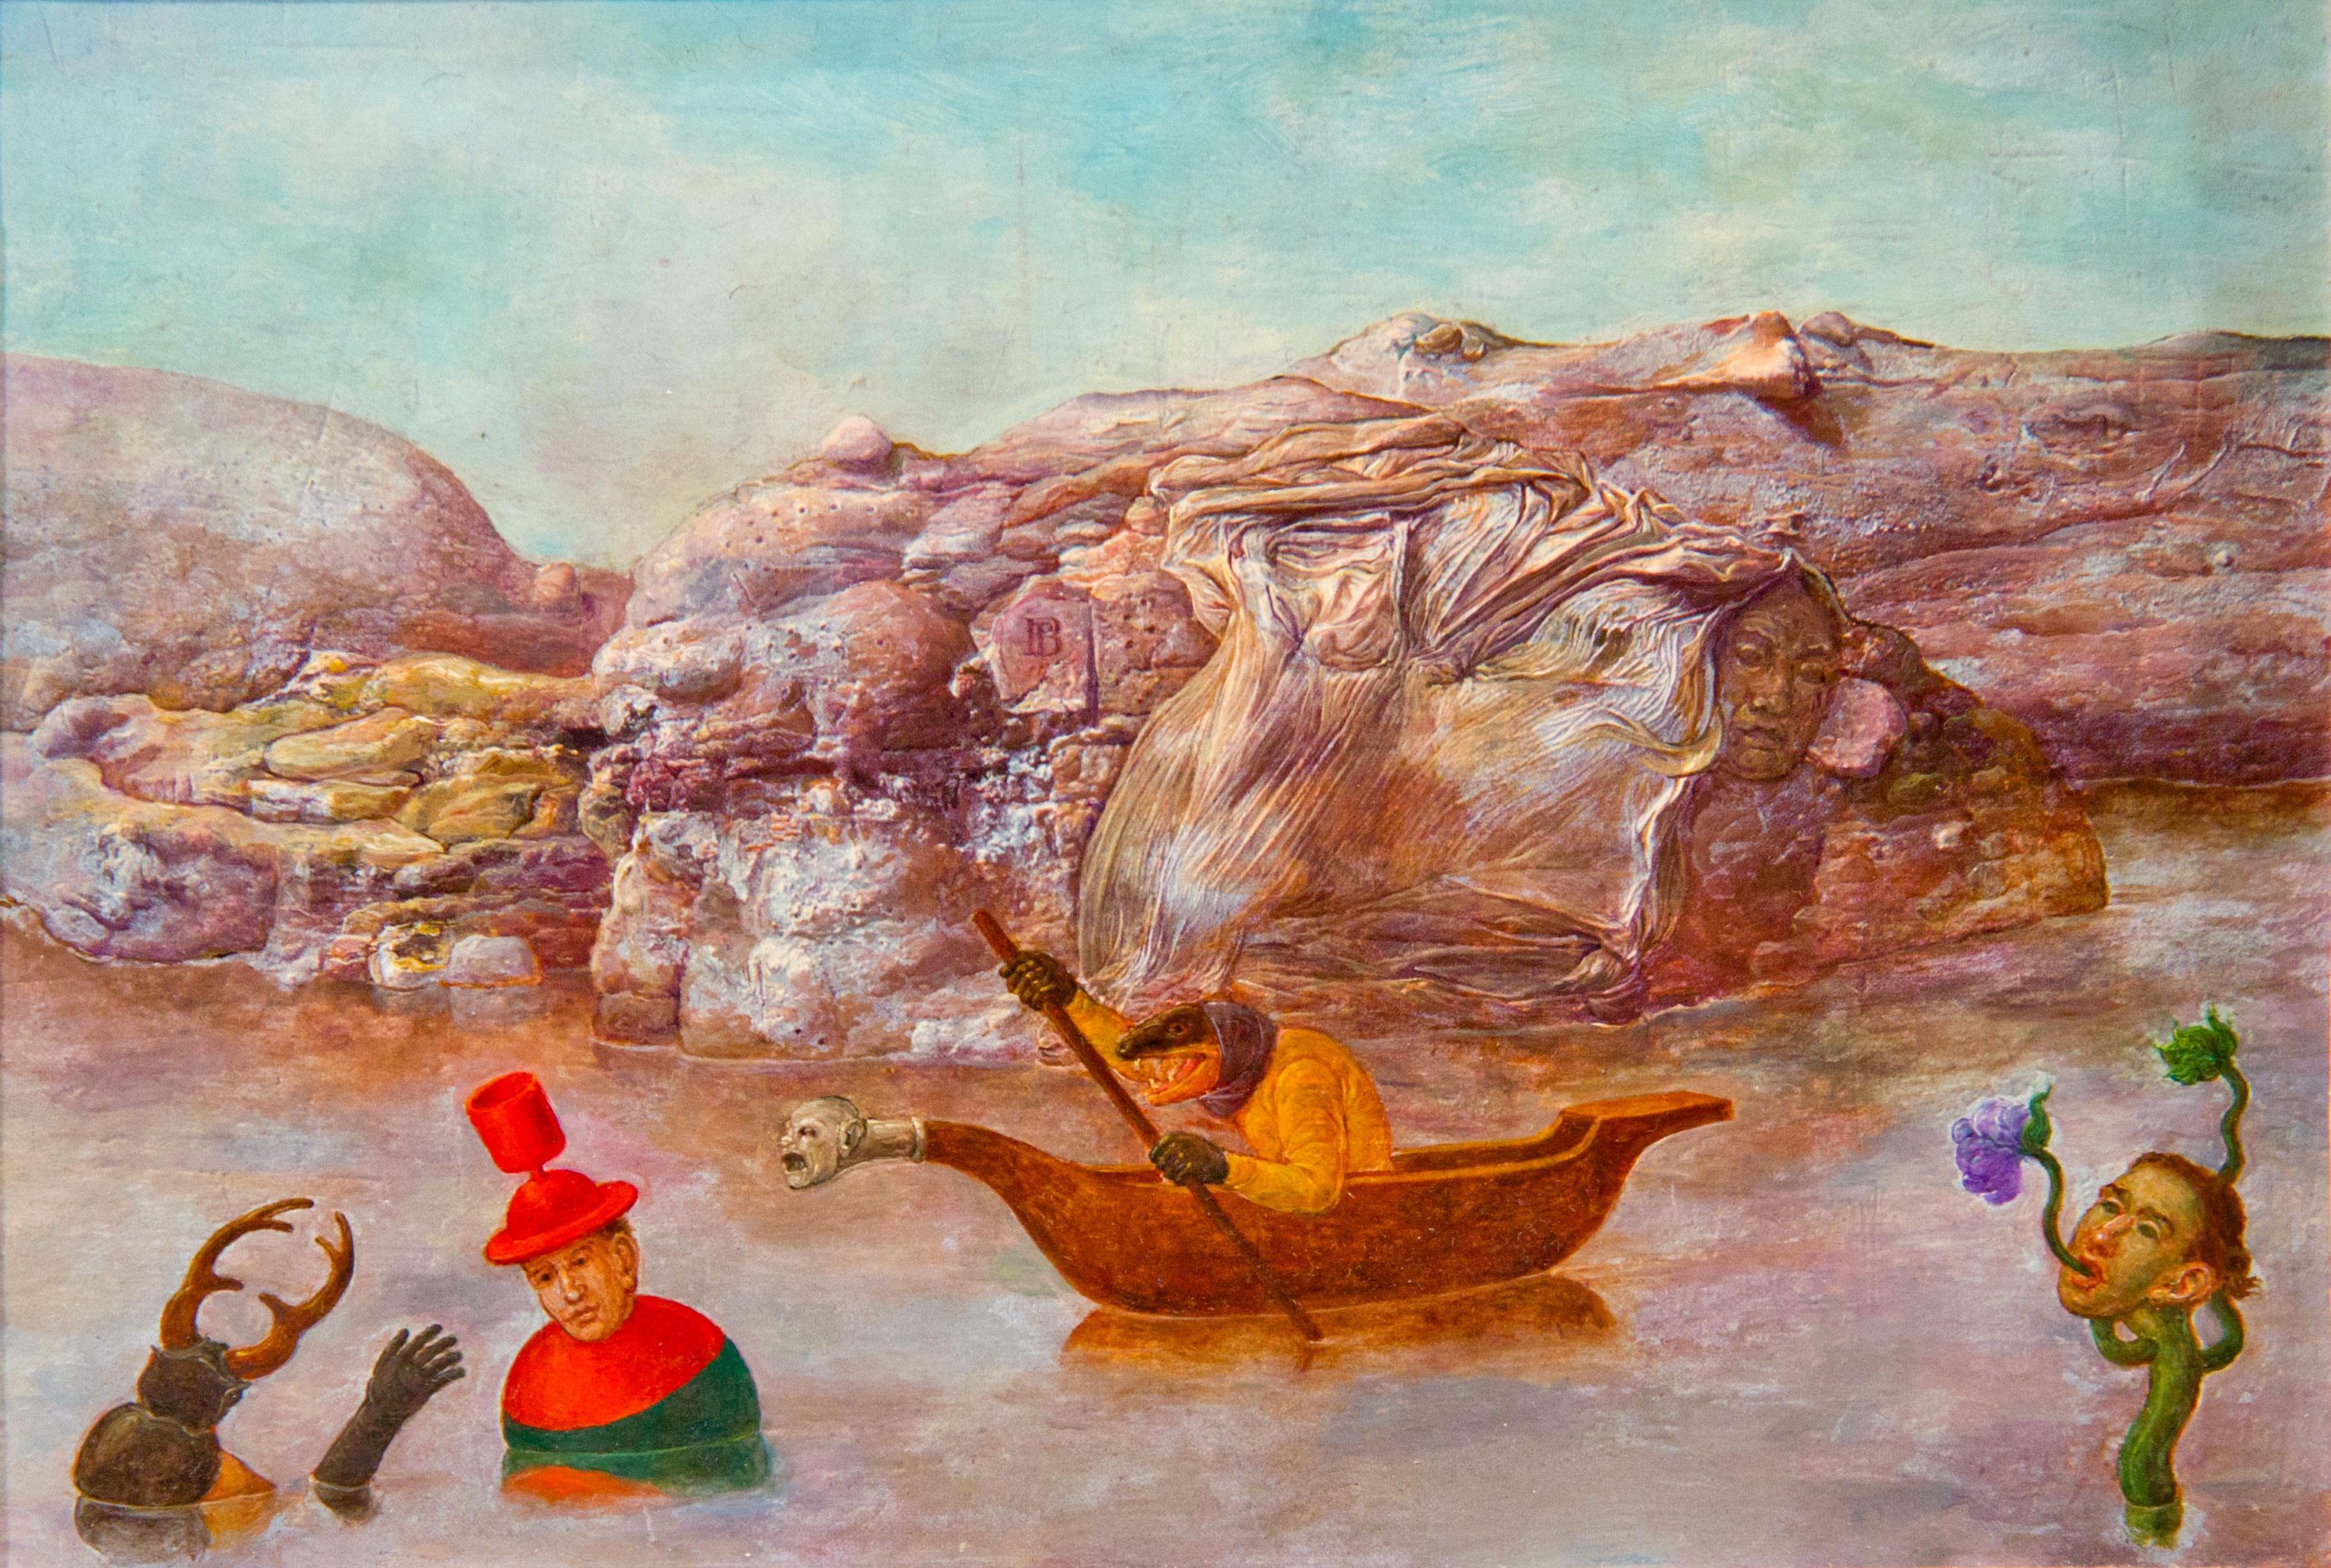 Philippe Briard - Au Fil de l'eau, 2005, huile sur panneau, 20 x 14 cm